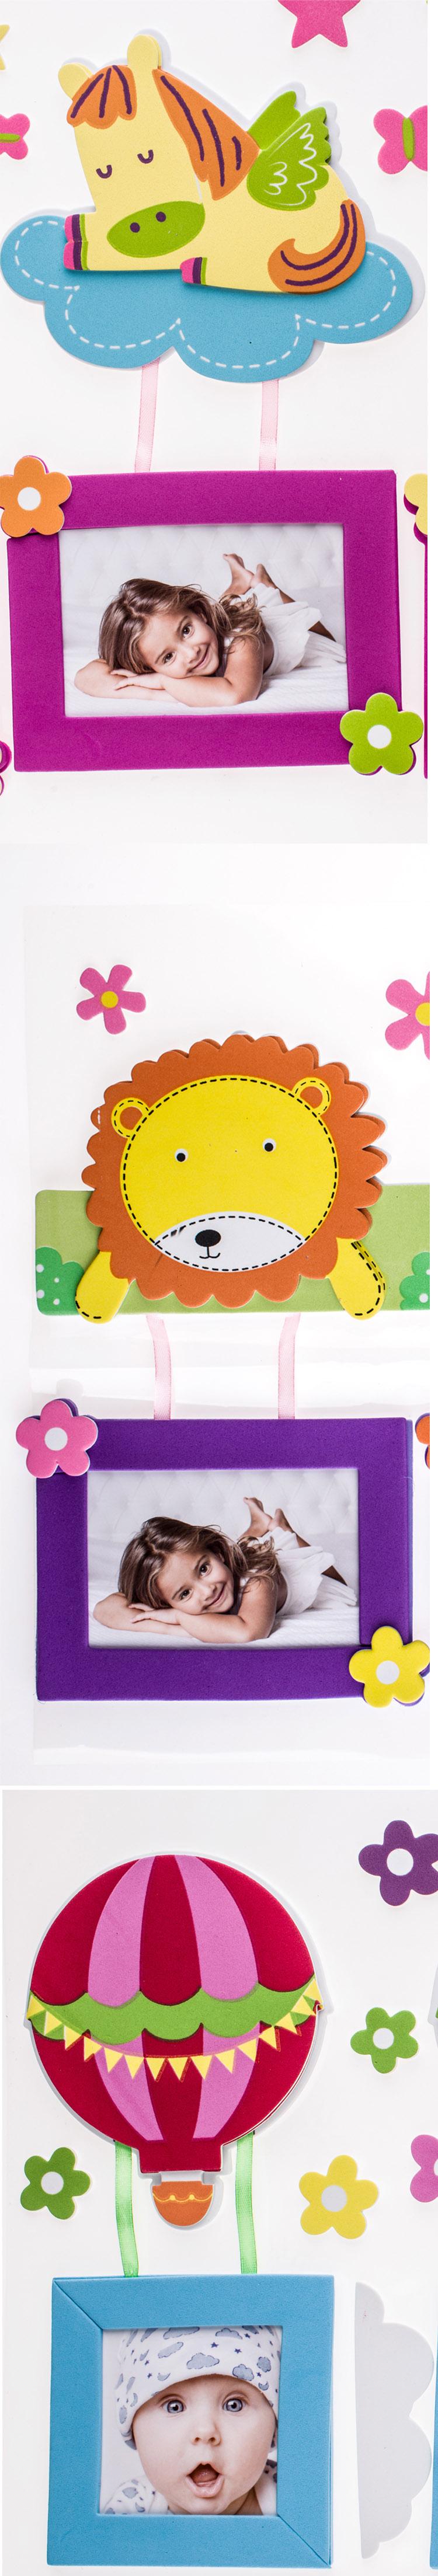 儿童房 幼儿园 教室 墙面布置 3d 装饰品 eva卡通 丝带泡沫 墙贴 组合